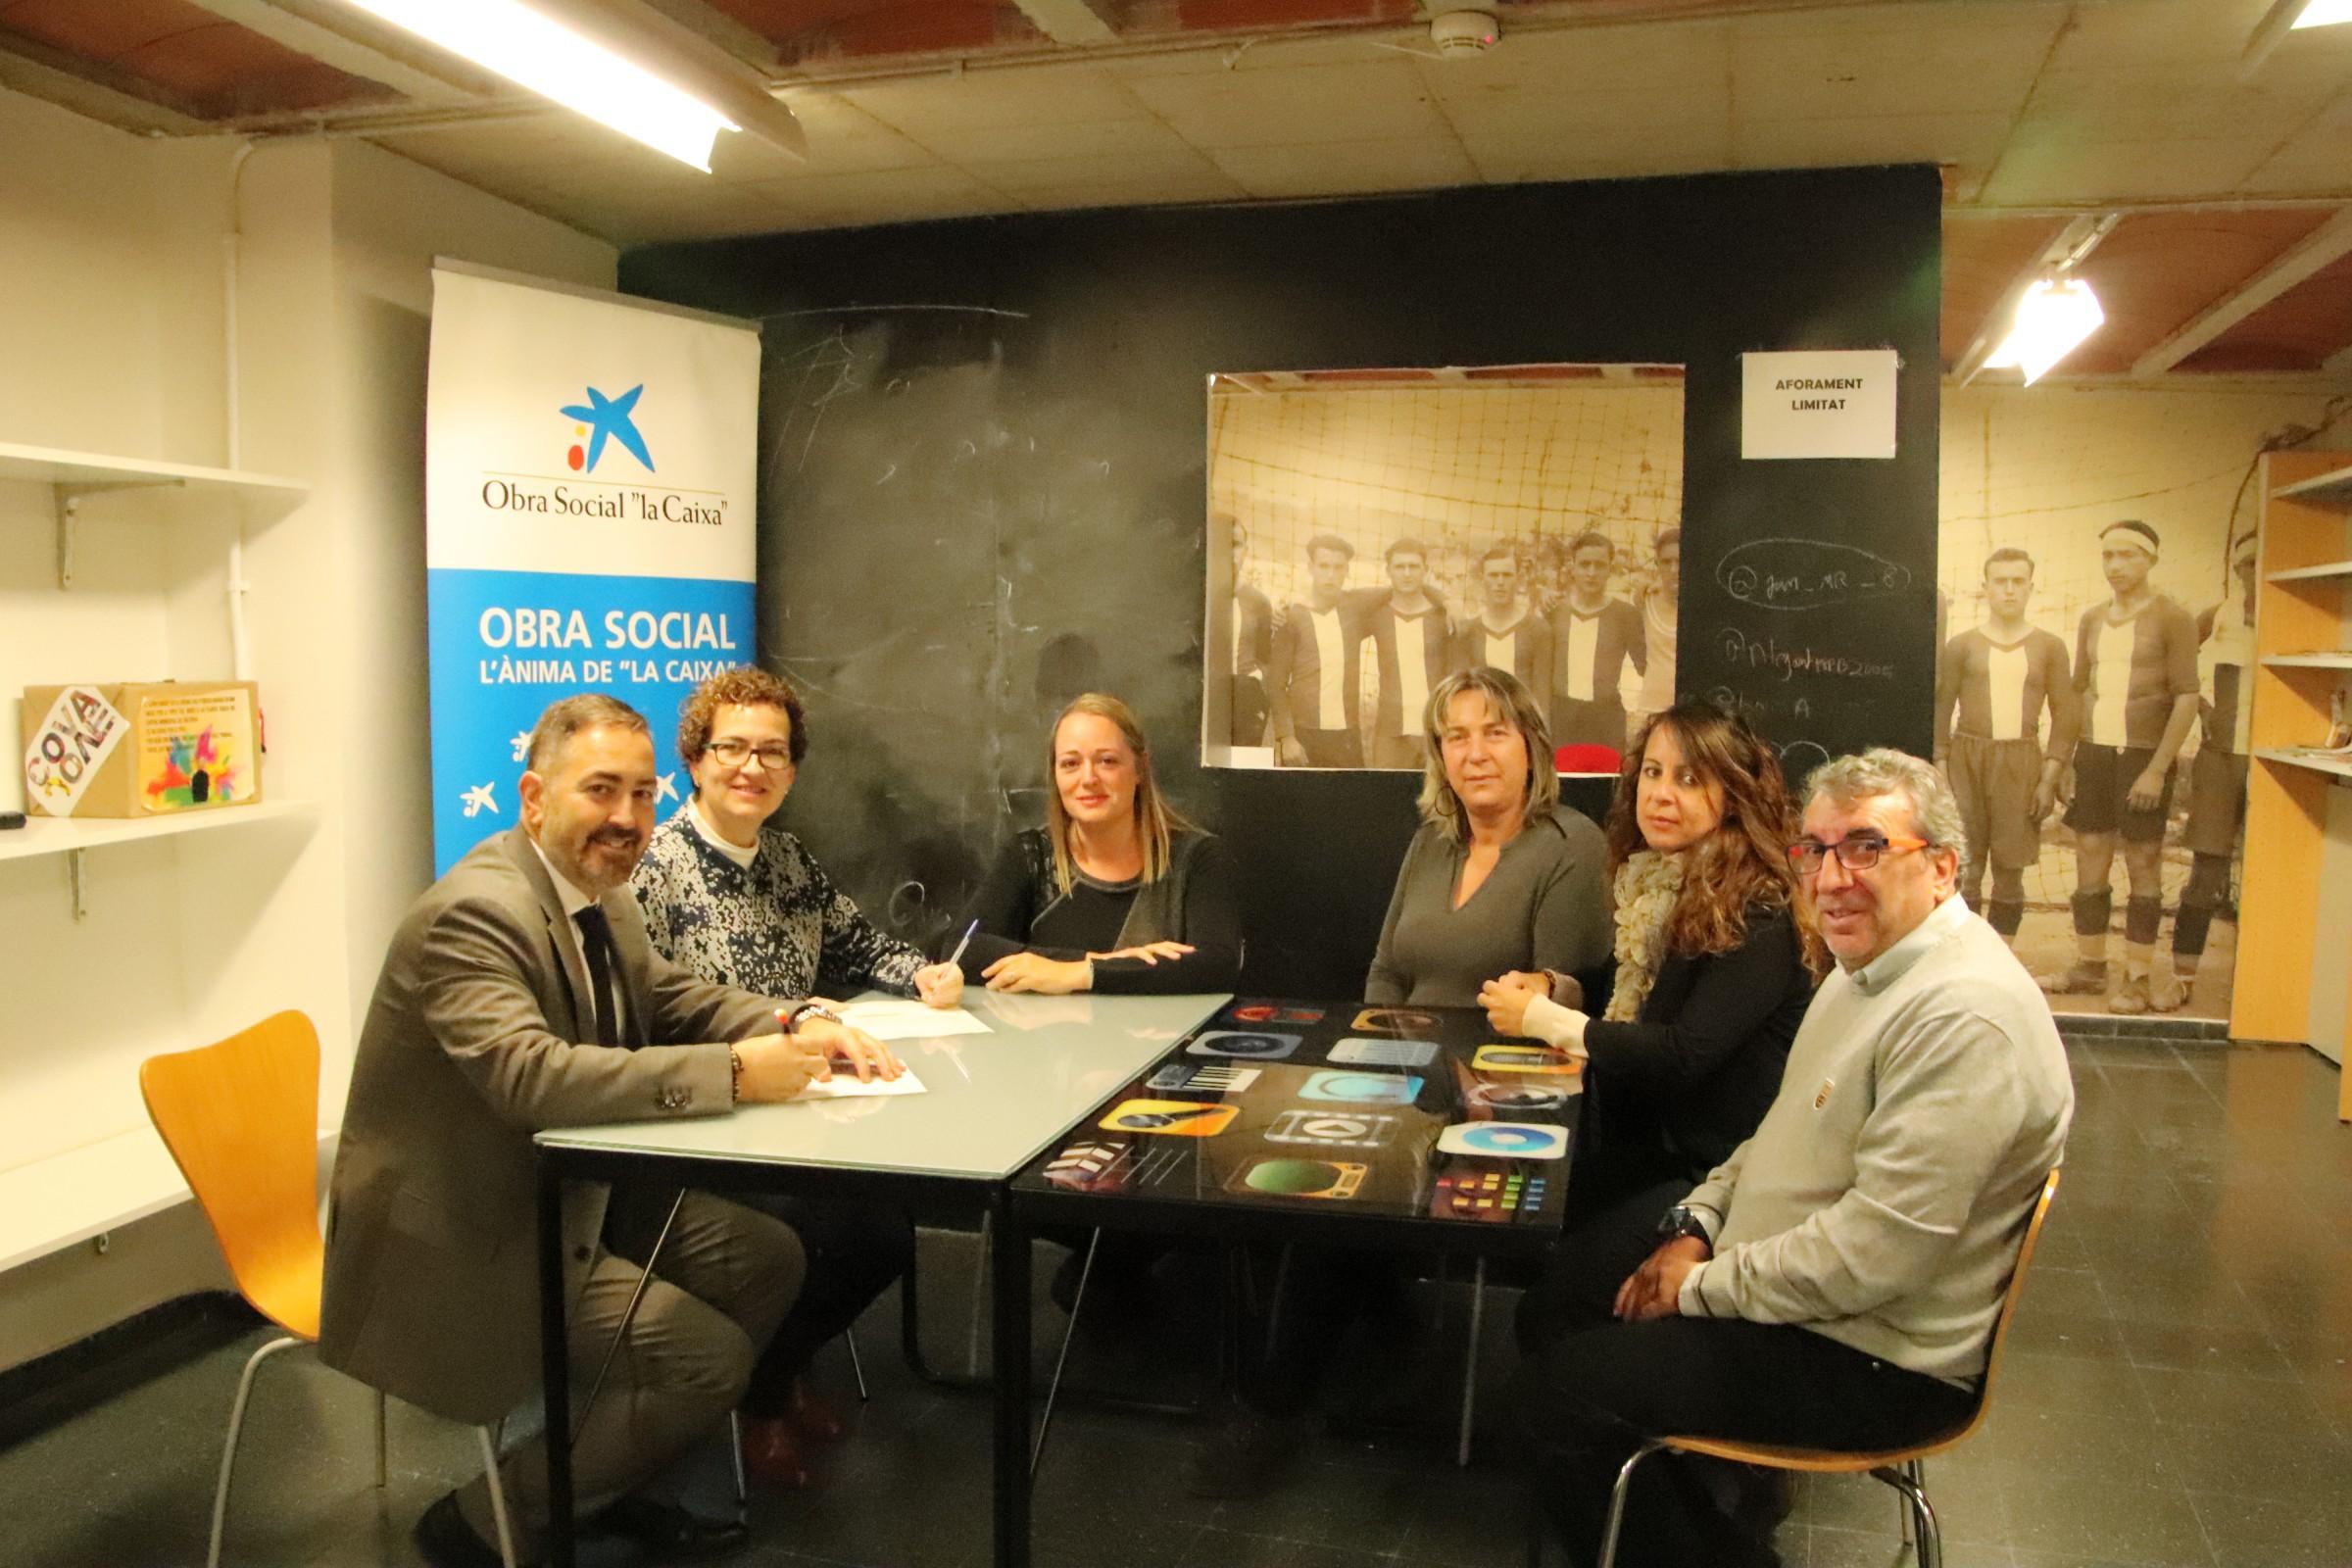 L'Ajuntament de la Bisbal del Penedès ha signat un conveni de col·laboració amb l'Obra Social 'La Caixa'